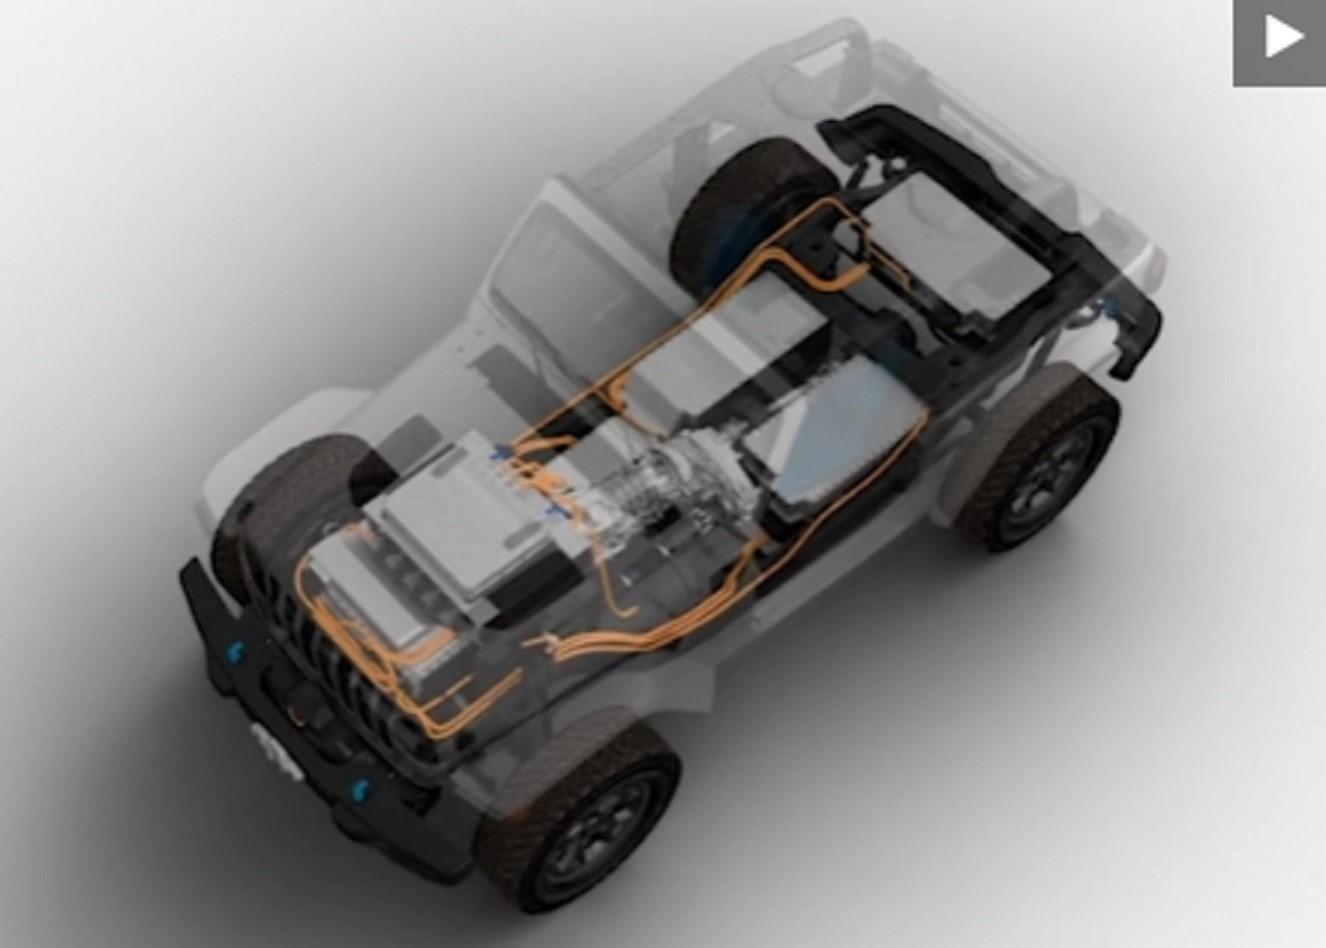 吉普牧马人电动车概念被嘲笑,今年晚些时候首次亮相